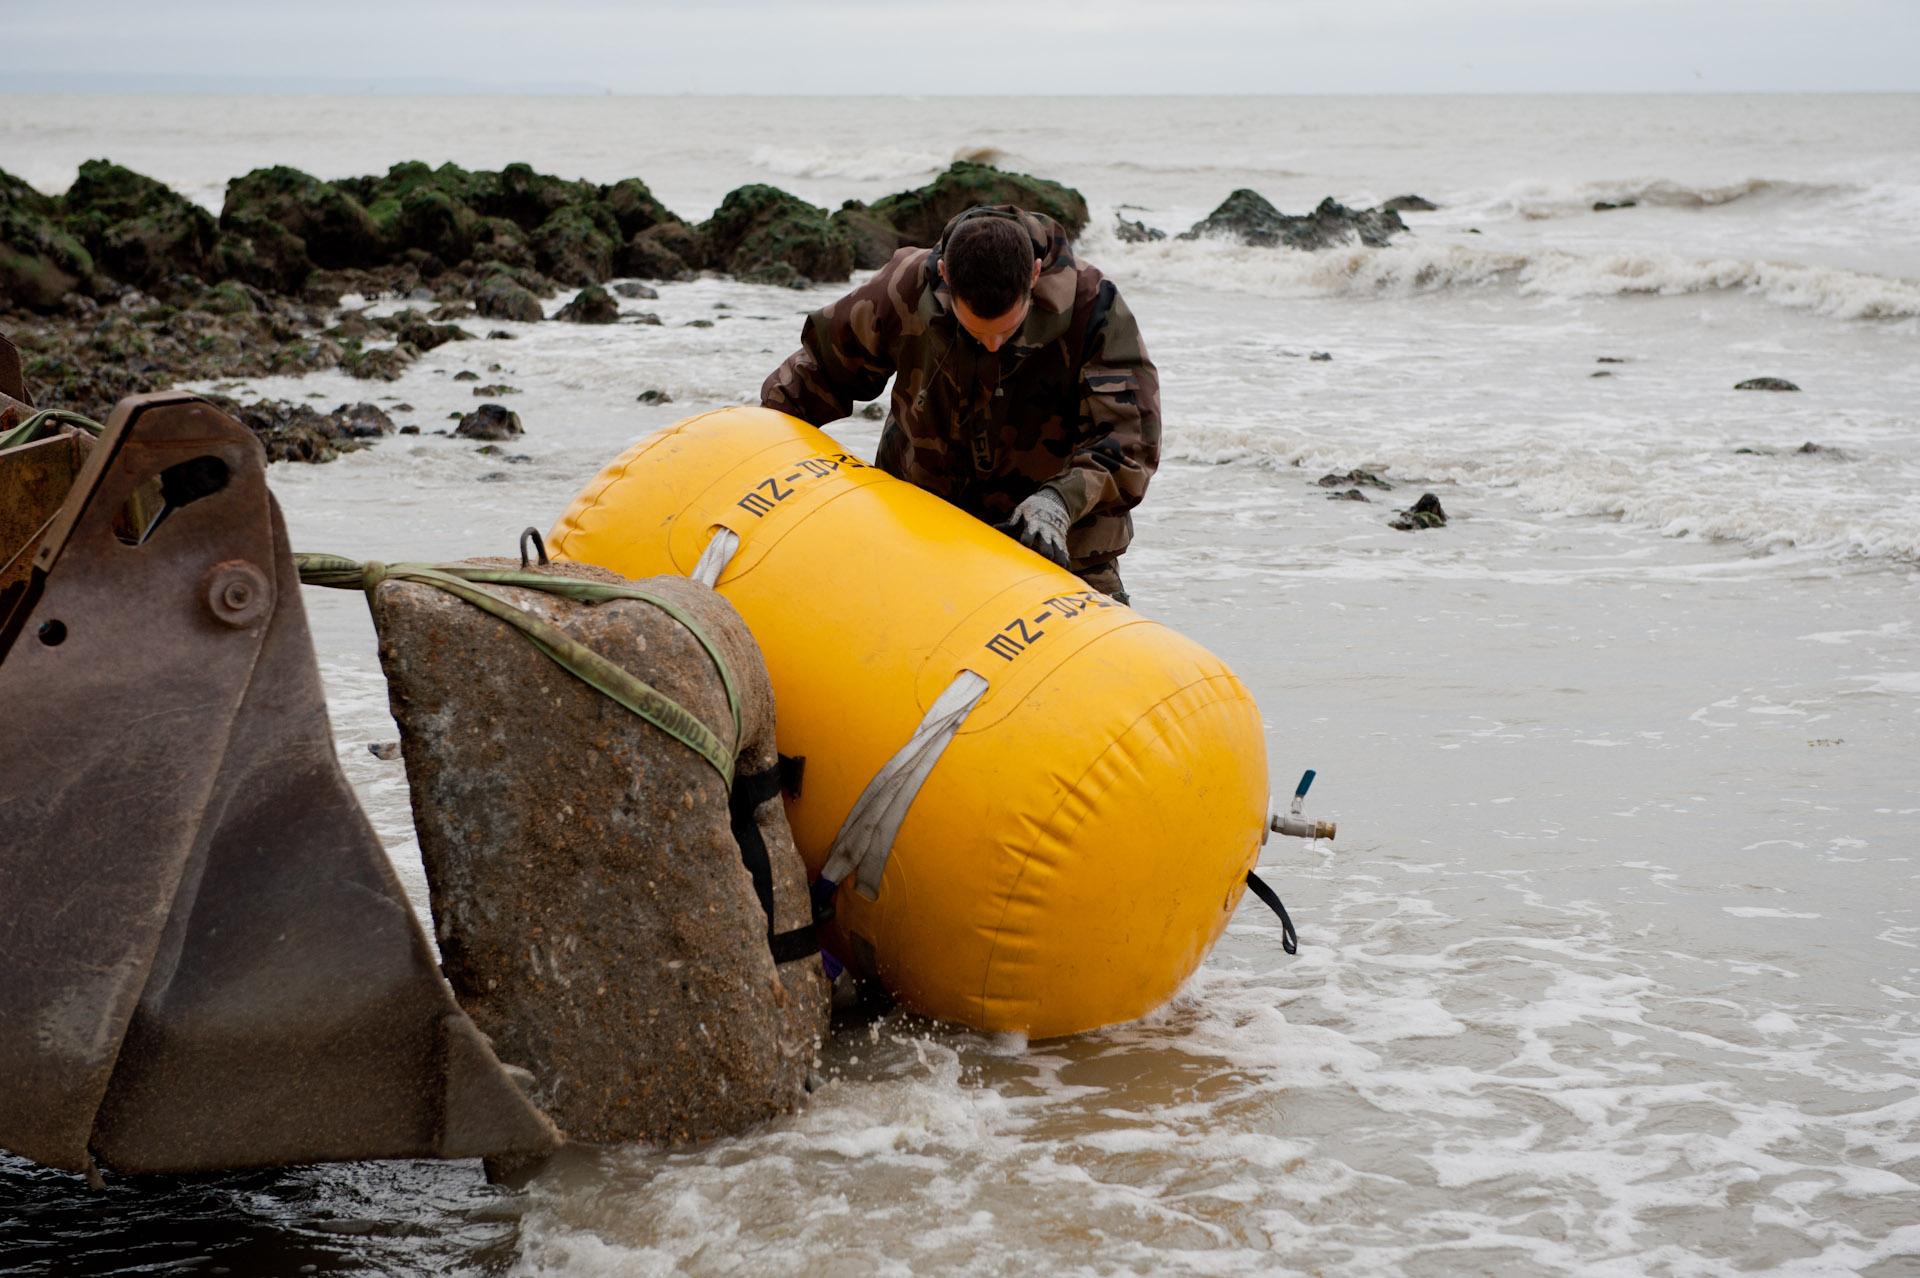 Les plongeurs démineurs lors d'une récente opération de déminage à Sainte-Adresse (Photo © Préfecture maritime)